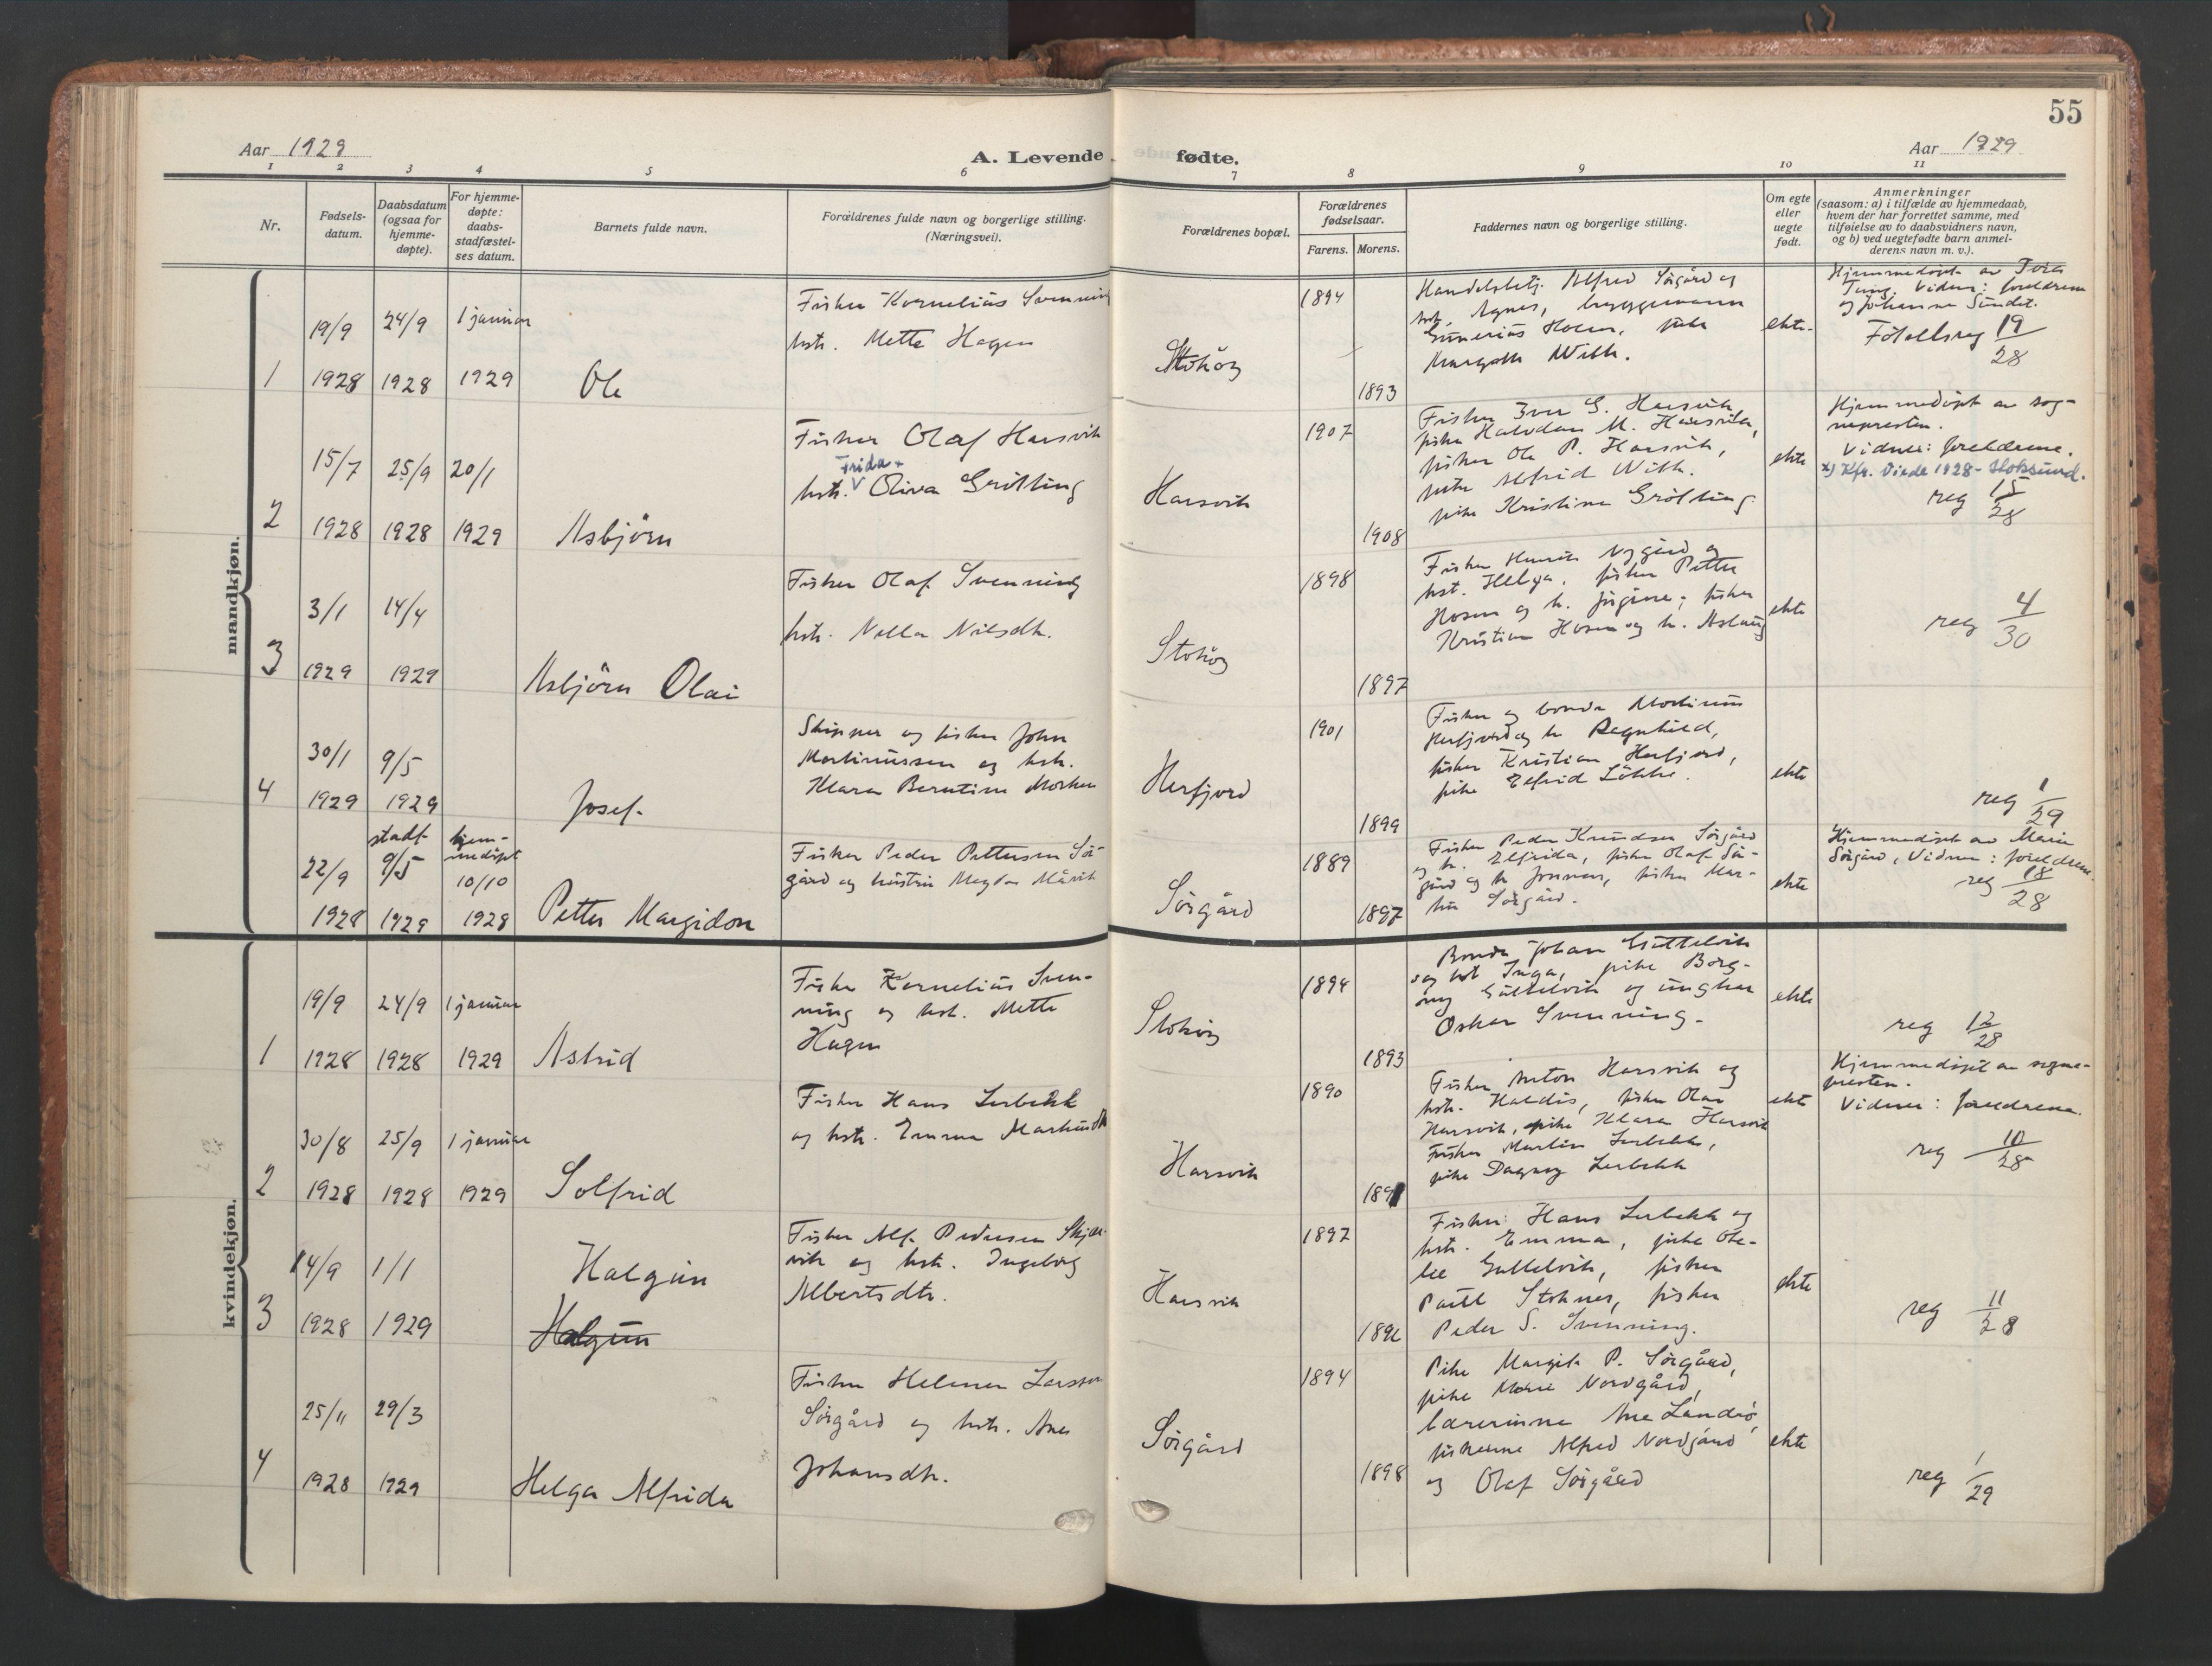 SAT, Ministerialprotokoller, klokkerbøker og fødselsregistre - Sør-Trøndelag, 656/L0694: Ministerialbok nr. 656A03, 1914-1931, s. 55